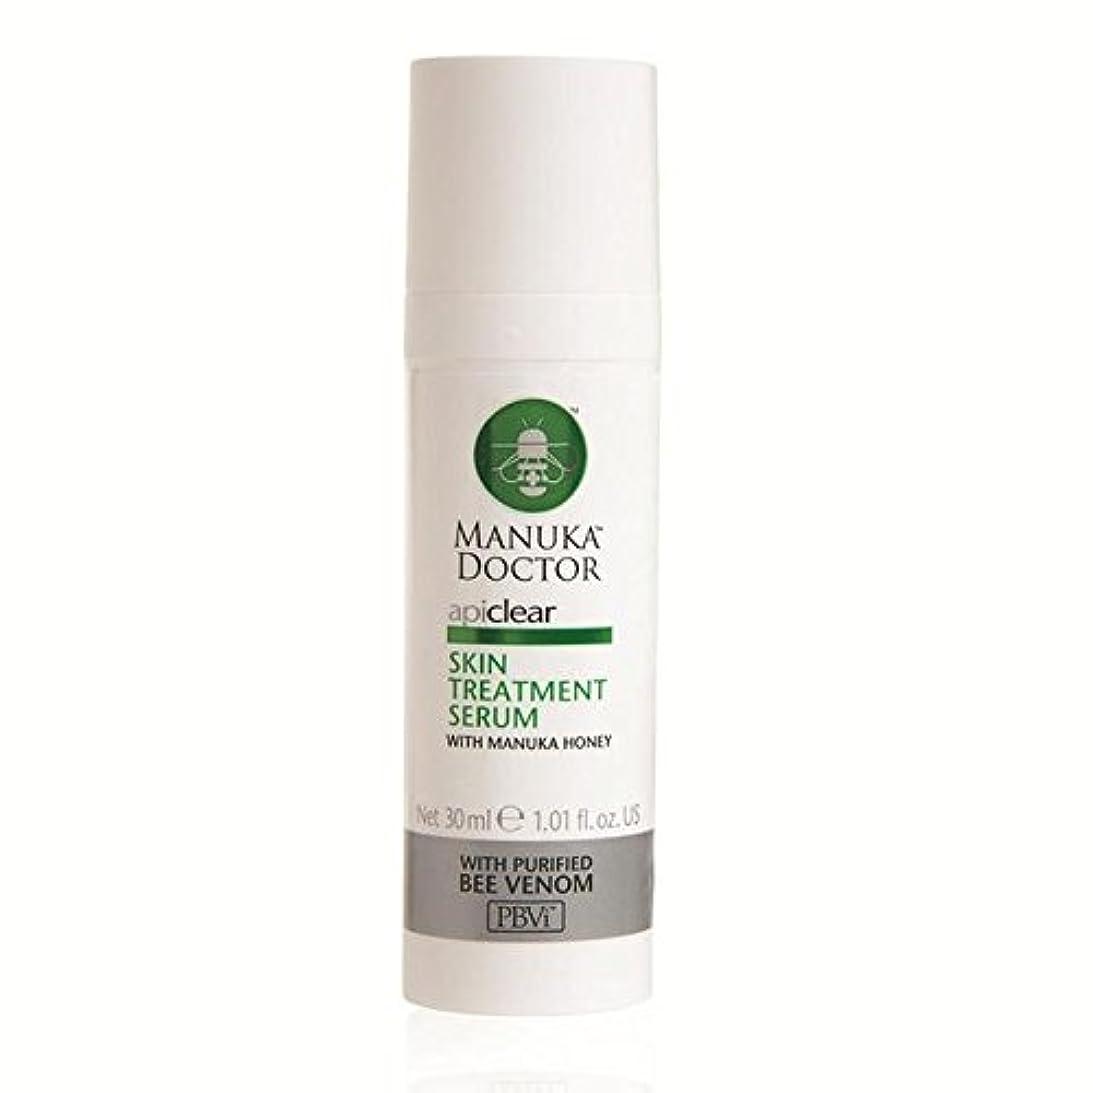 弾丸時間とともに契約マヌカドクターをクリアスキントリートメントセラム30 x2 - Manuka Doctor Api Clear Skin Treatment Serum 30ml (Pack of 2) [並行輸入品]